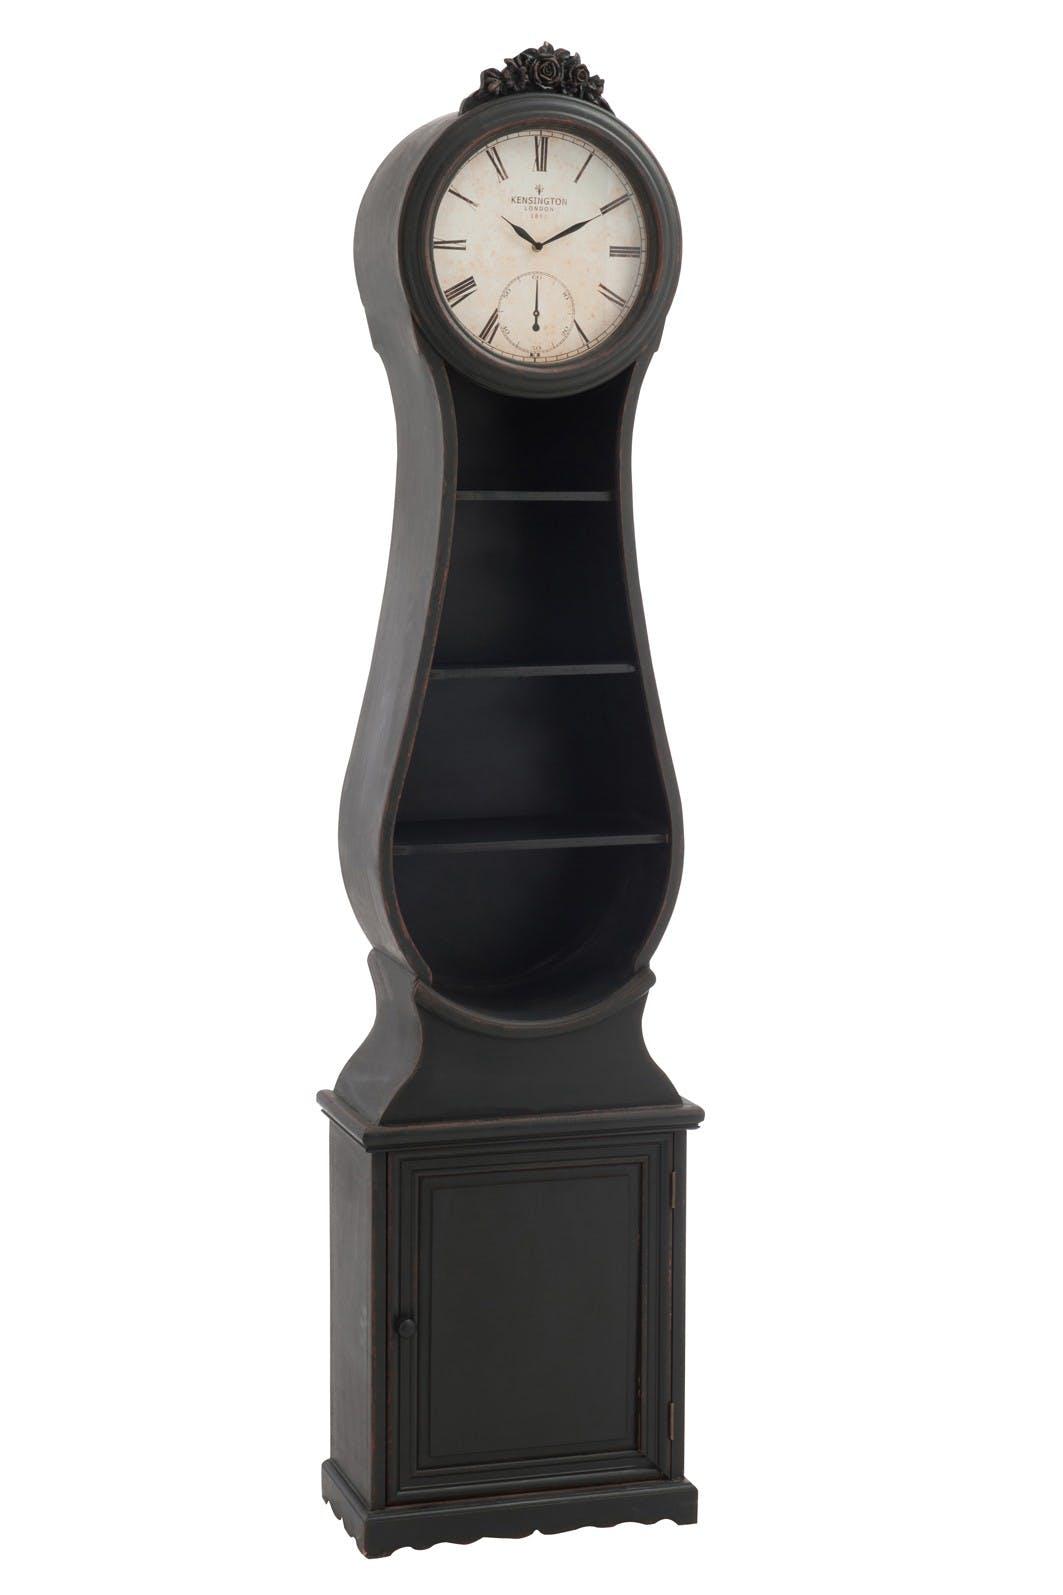 Comtoise Armoire de 1m99 Style Vintage avec 3 étagères et porte avec rangements en bois et verre Larg 48,5xP25cm - Coloris Noir